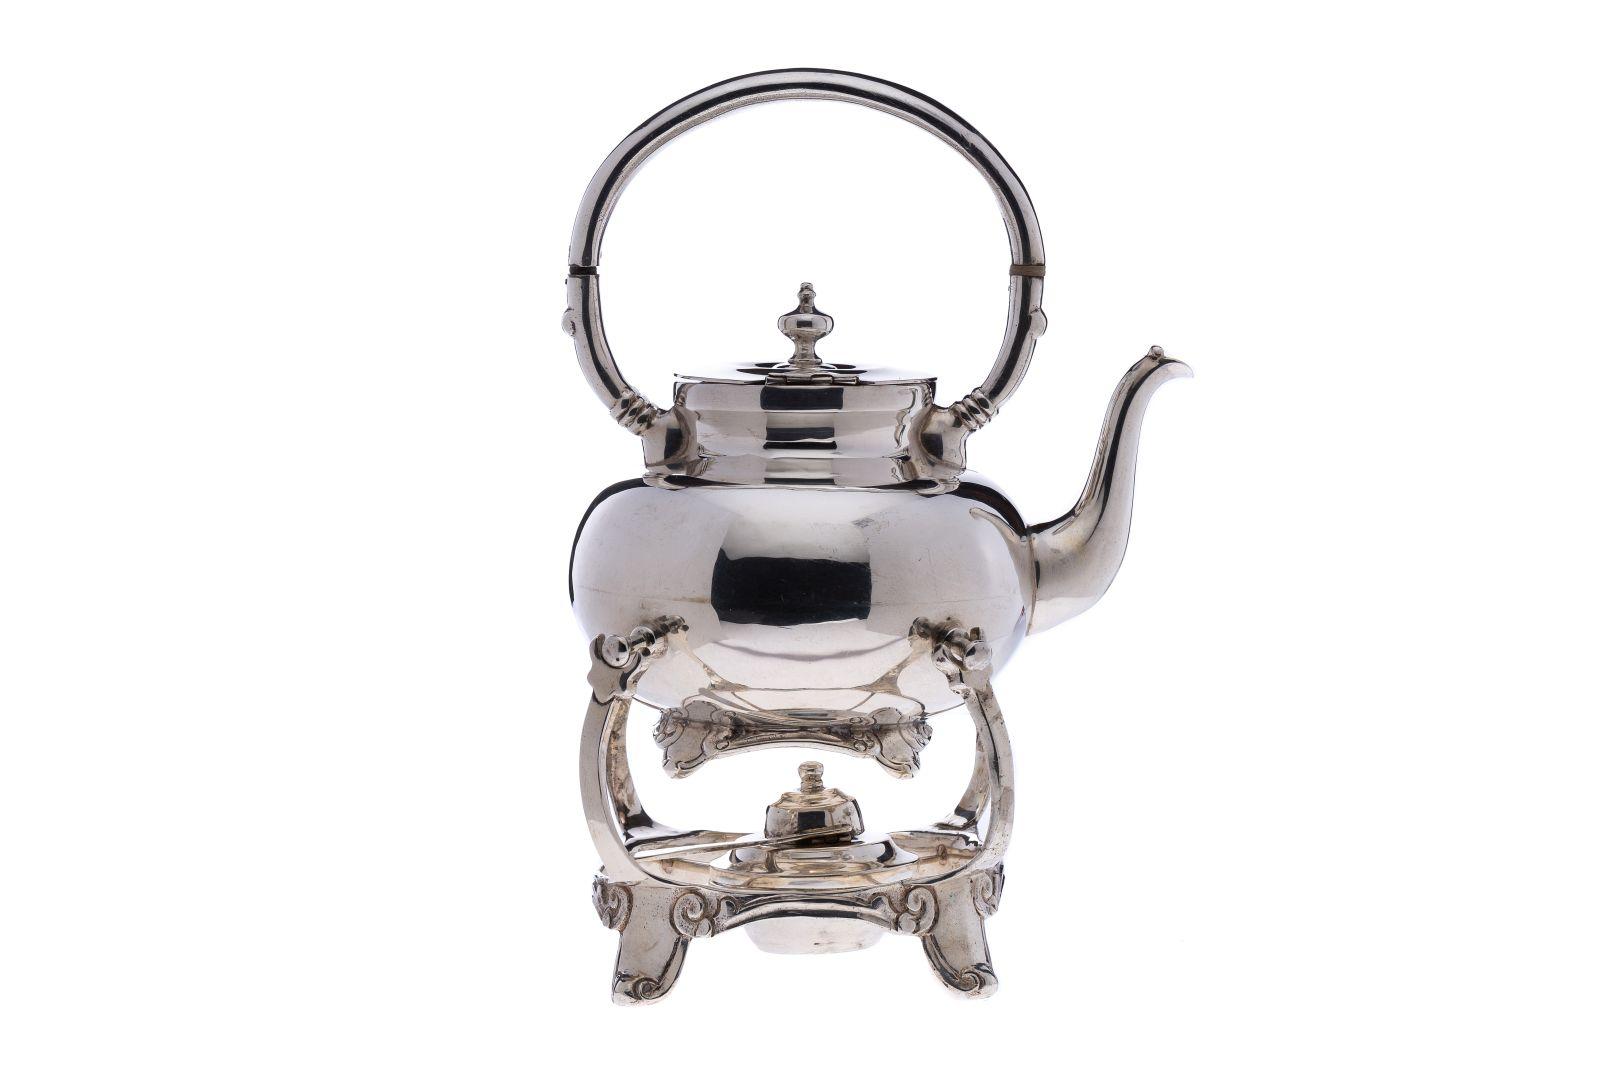 #63 Hot water teapot with rechaud | Heißwasserteekanne mit Rechaud Image